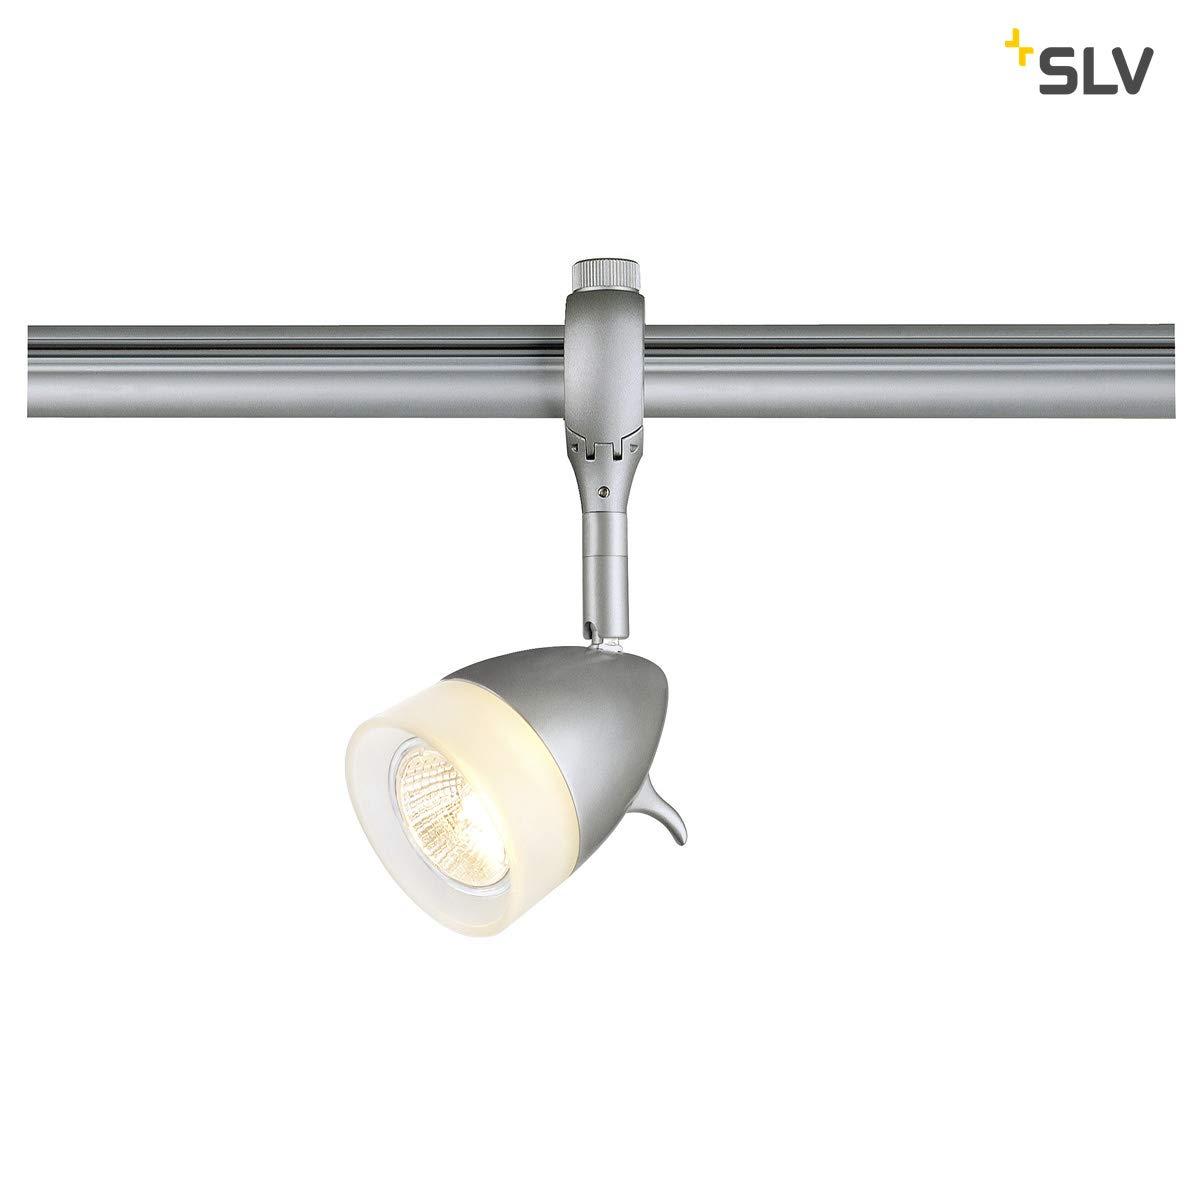 slv binario  SLV, Faretto per sistema di illuminazione su binario Easytec II ...